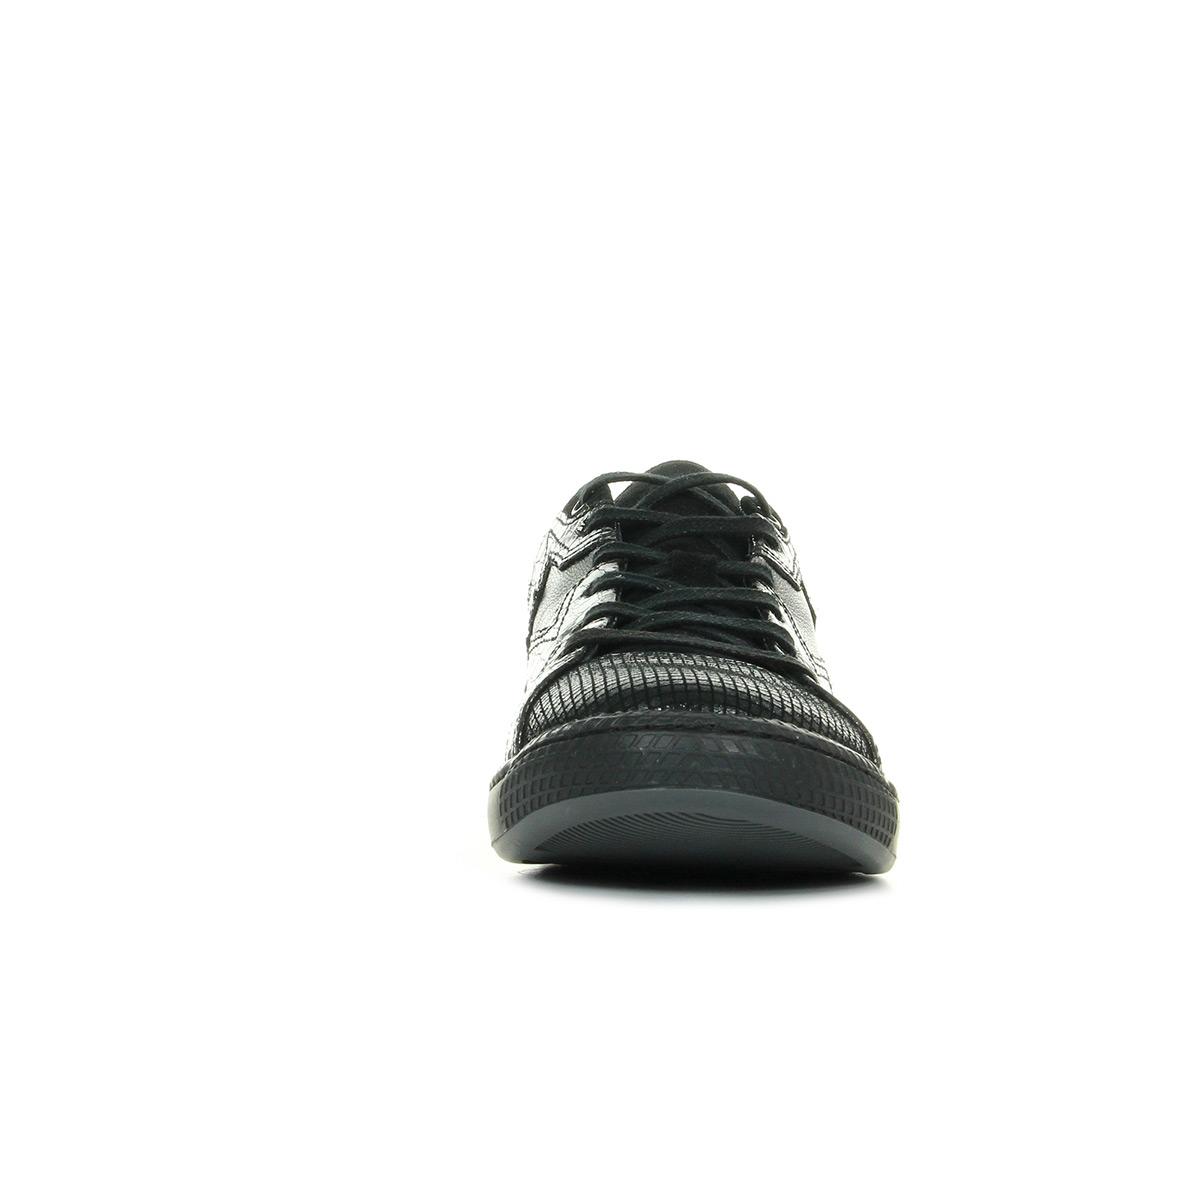 Pataugas Joiacf4cnoir Mode Baskets Noir Femme C Joia F4c qwAq8P1